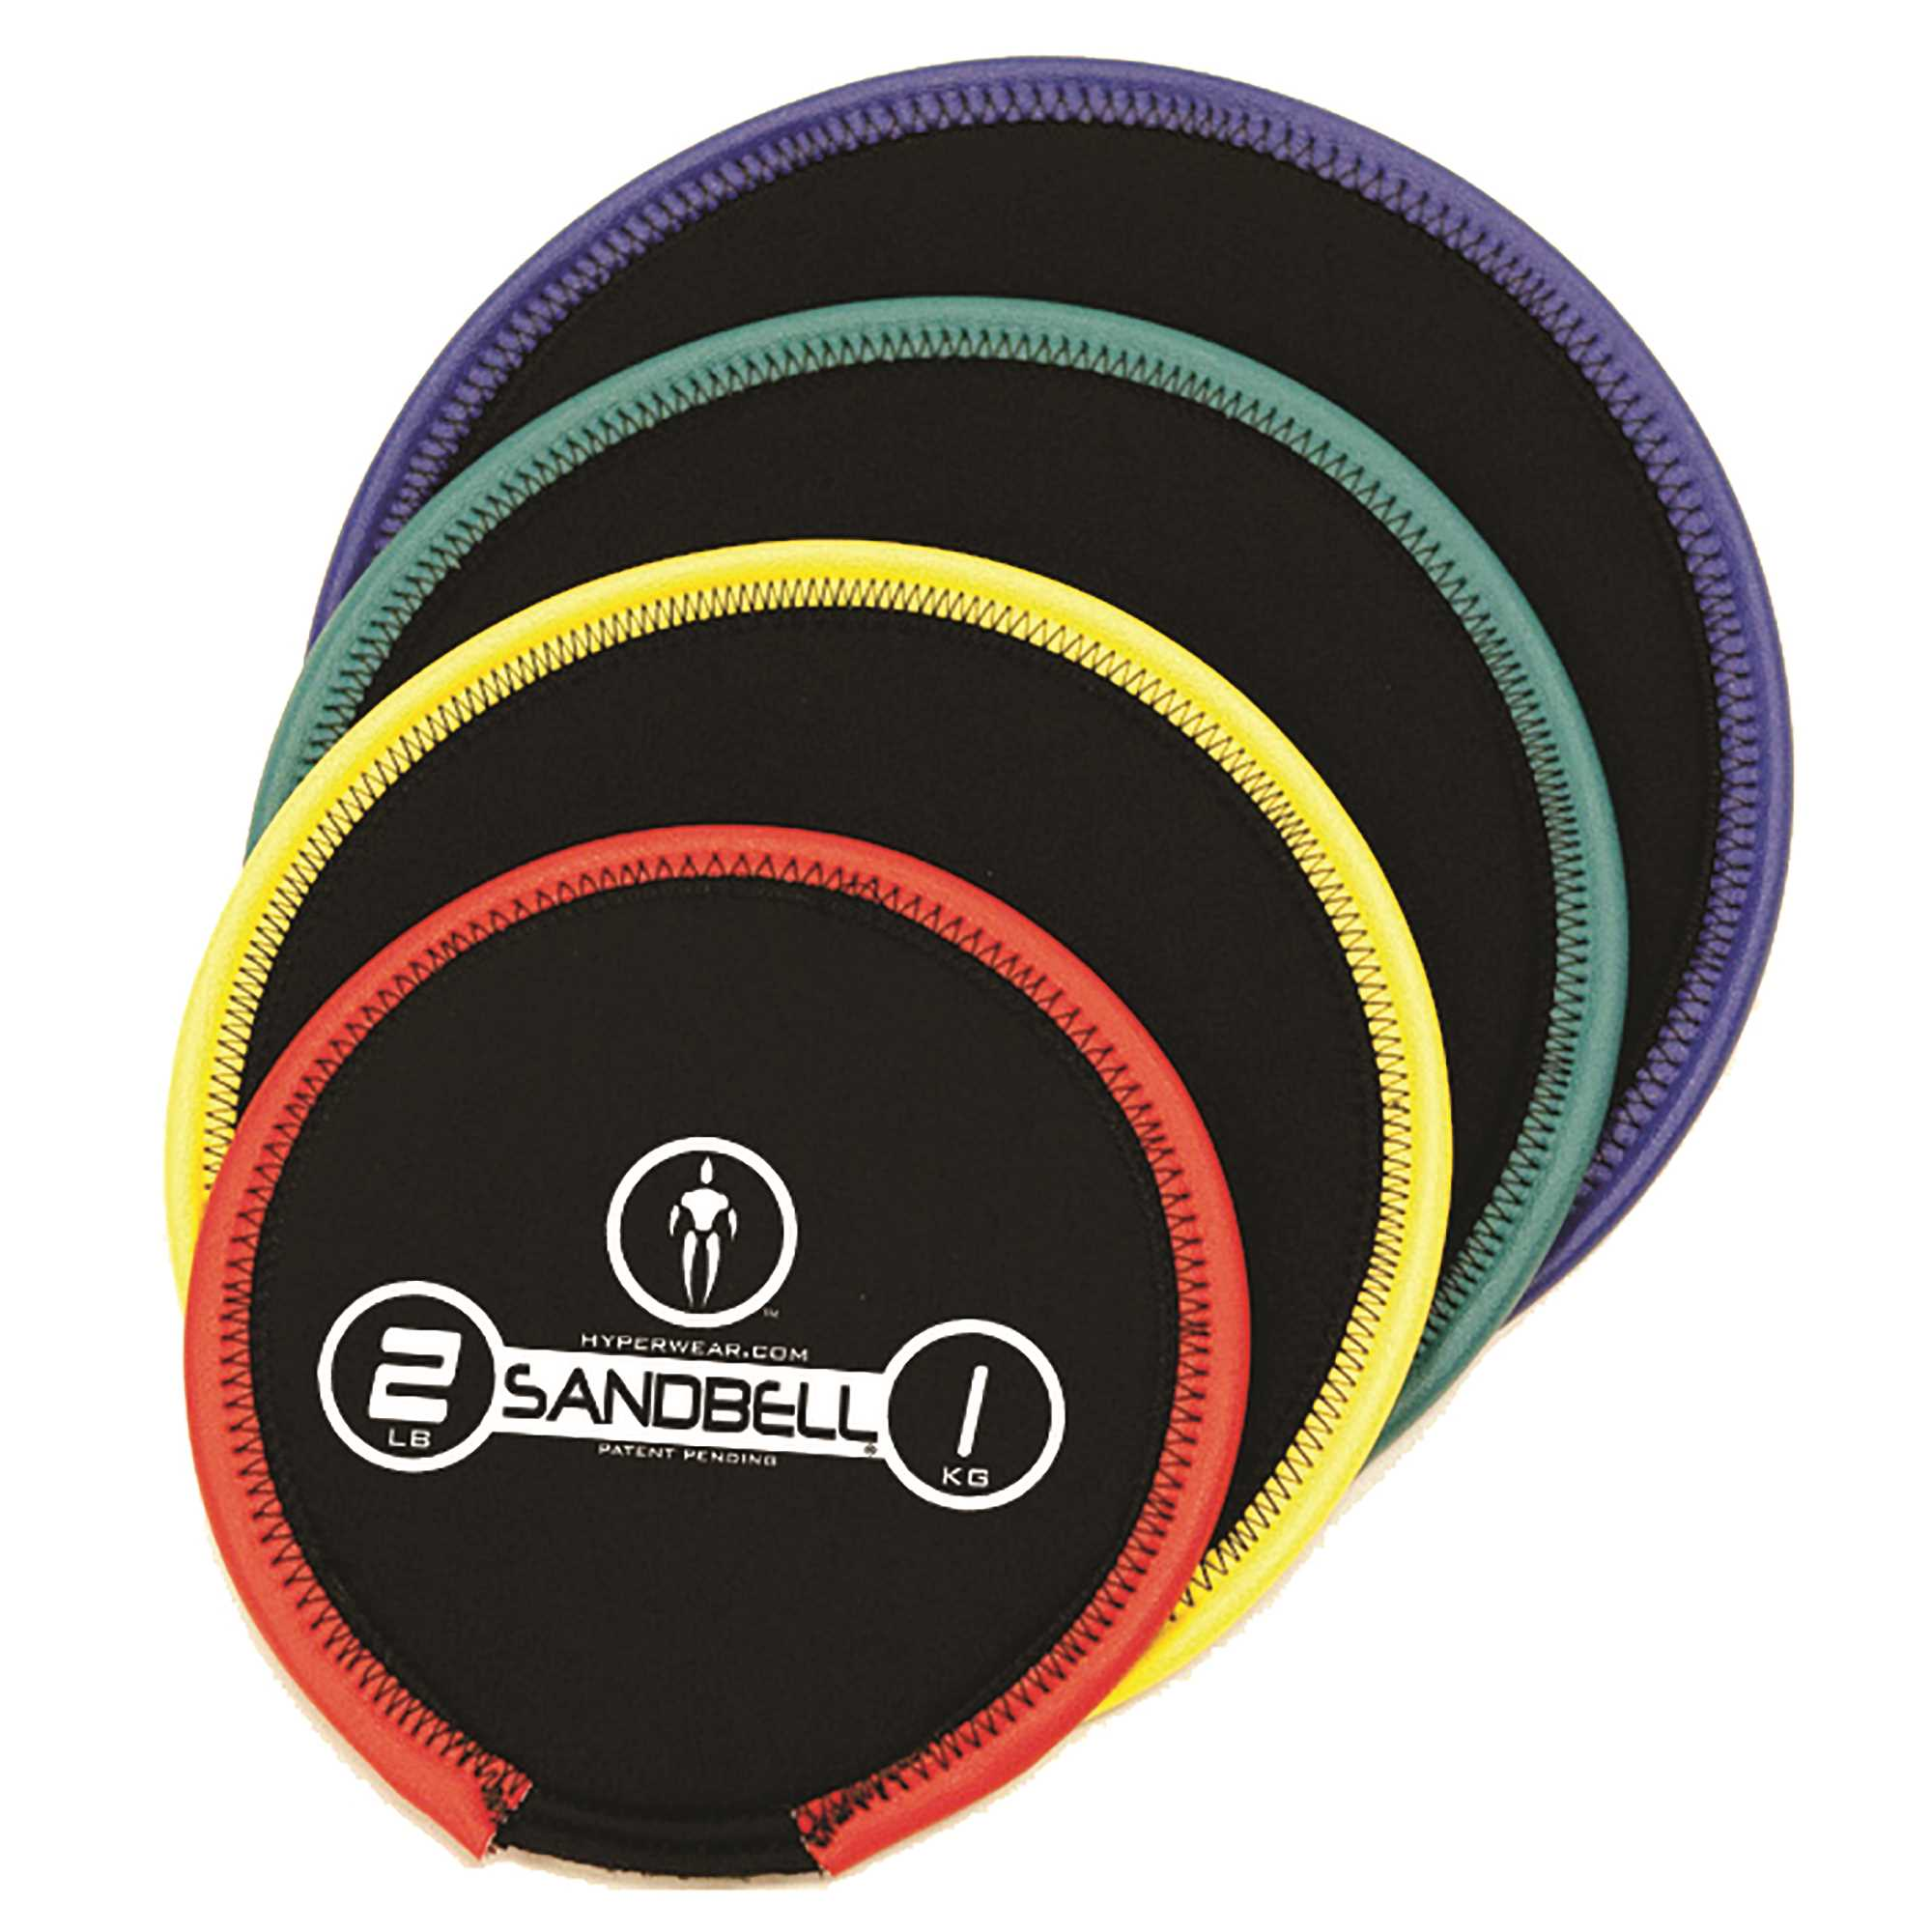 Hyperwear SandBell - 12lbs